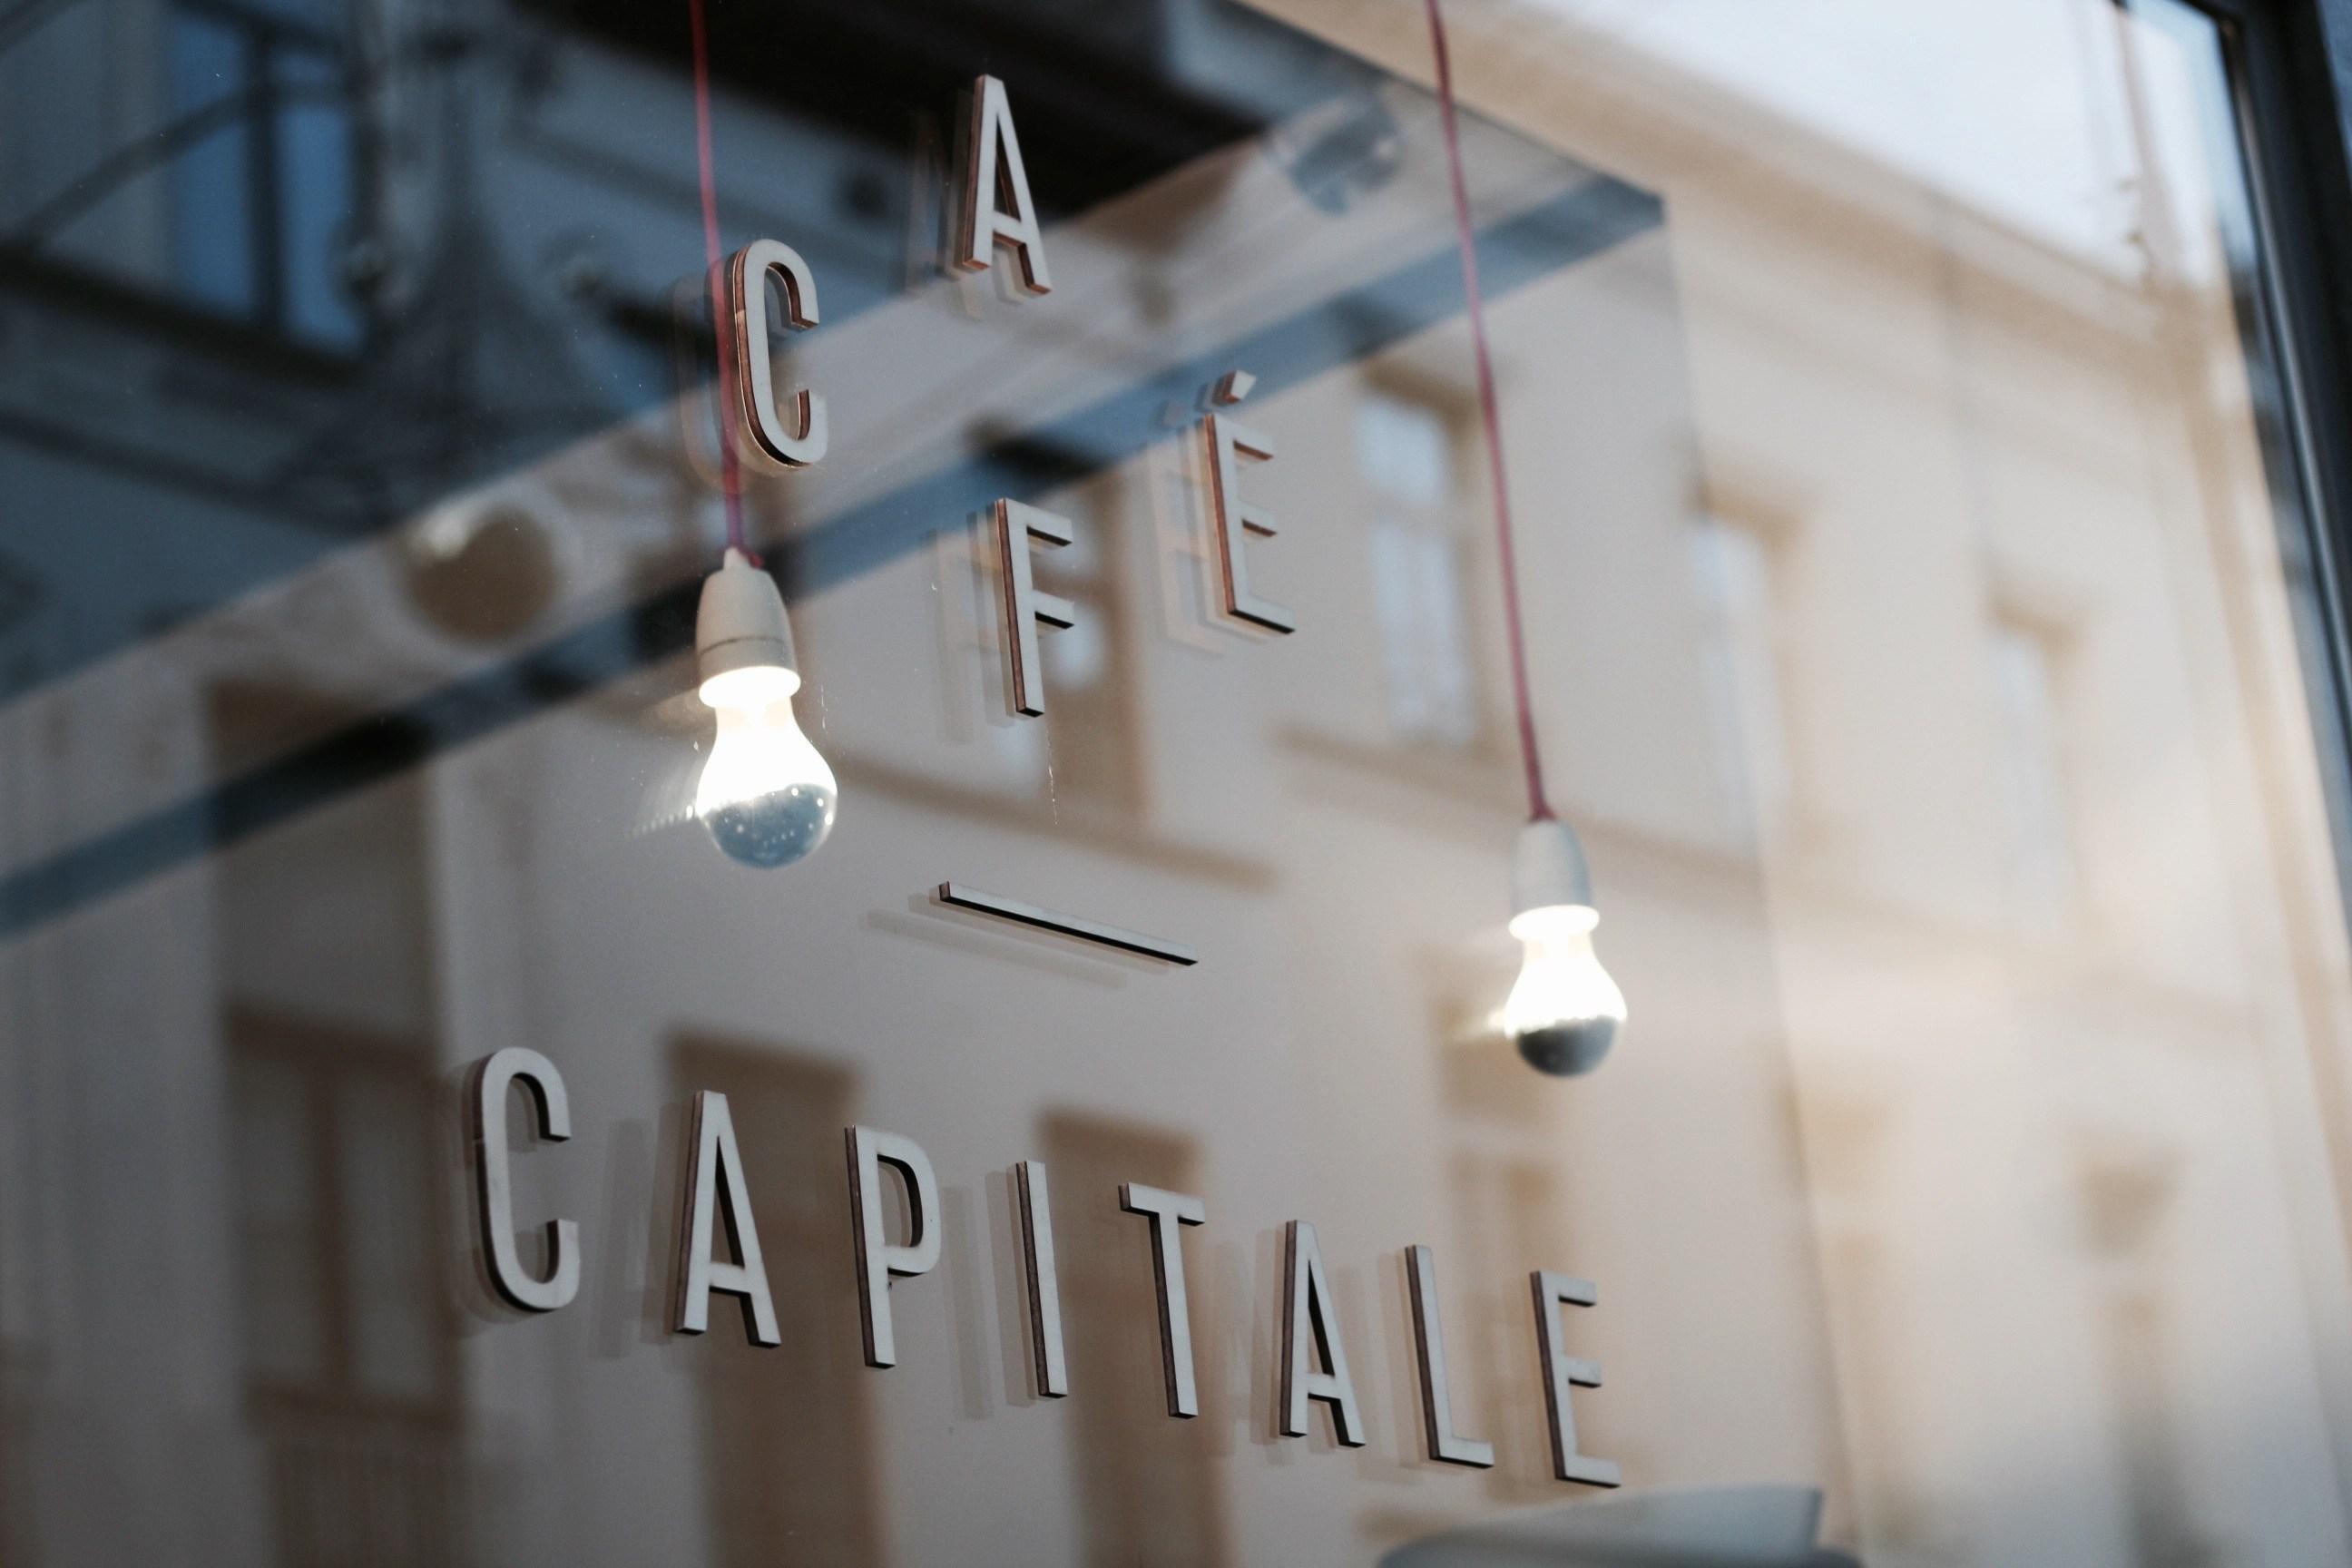 laboitedallumettes-bruxelles-jat-carte-map-ville-architecture-belgique-café-capitale